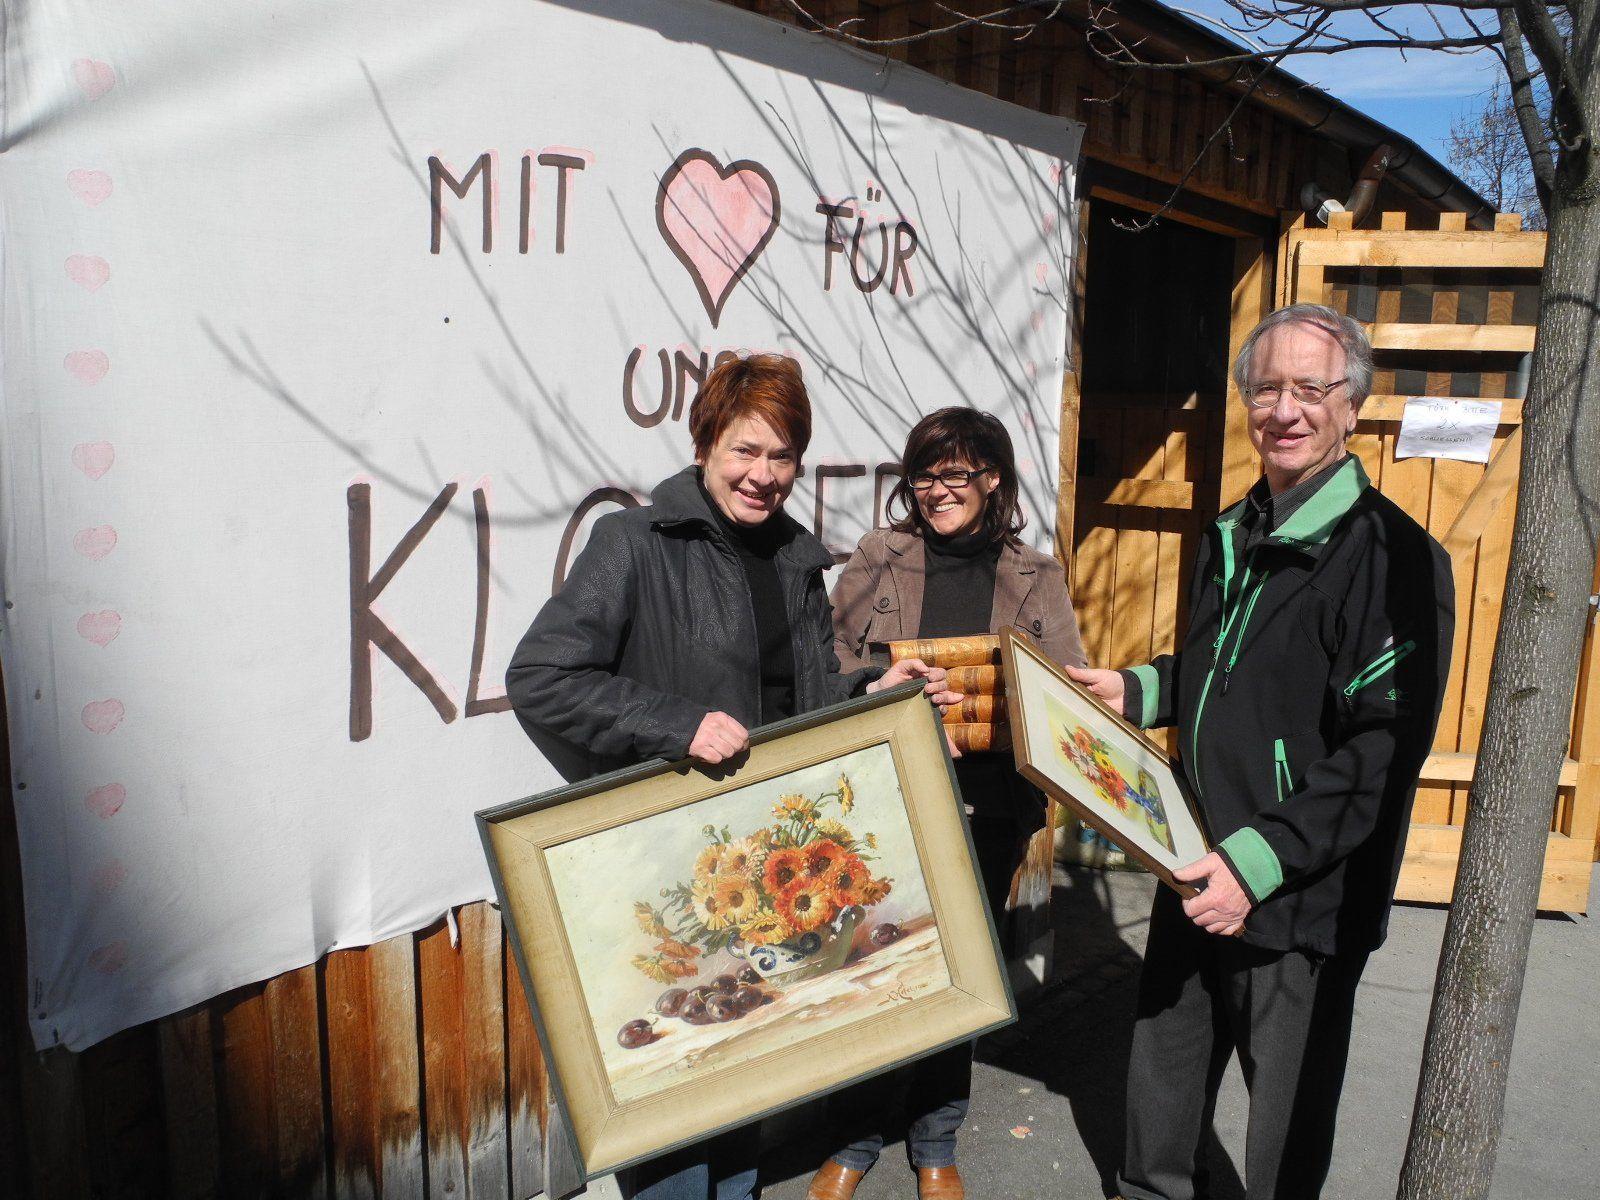 (l.) Julia Penninger, die Initiantin und Organisatorin des Klostermarktes mit Herlinde Schmid (Mitarbeiterin) und Herbert Sonderegger (Spender) bei der Abgabe von Spenden